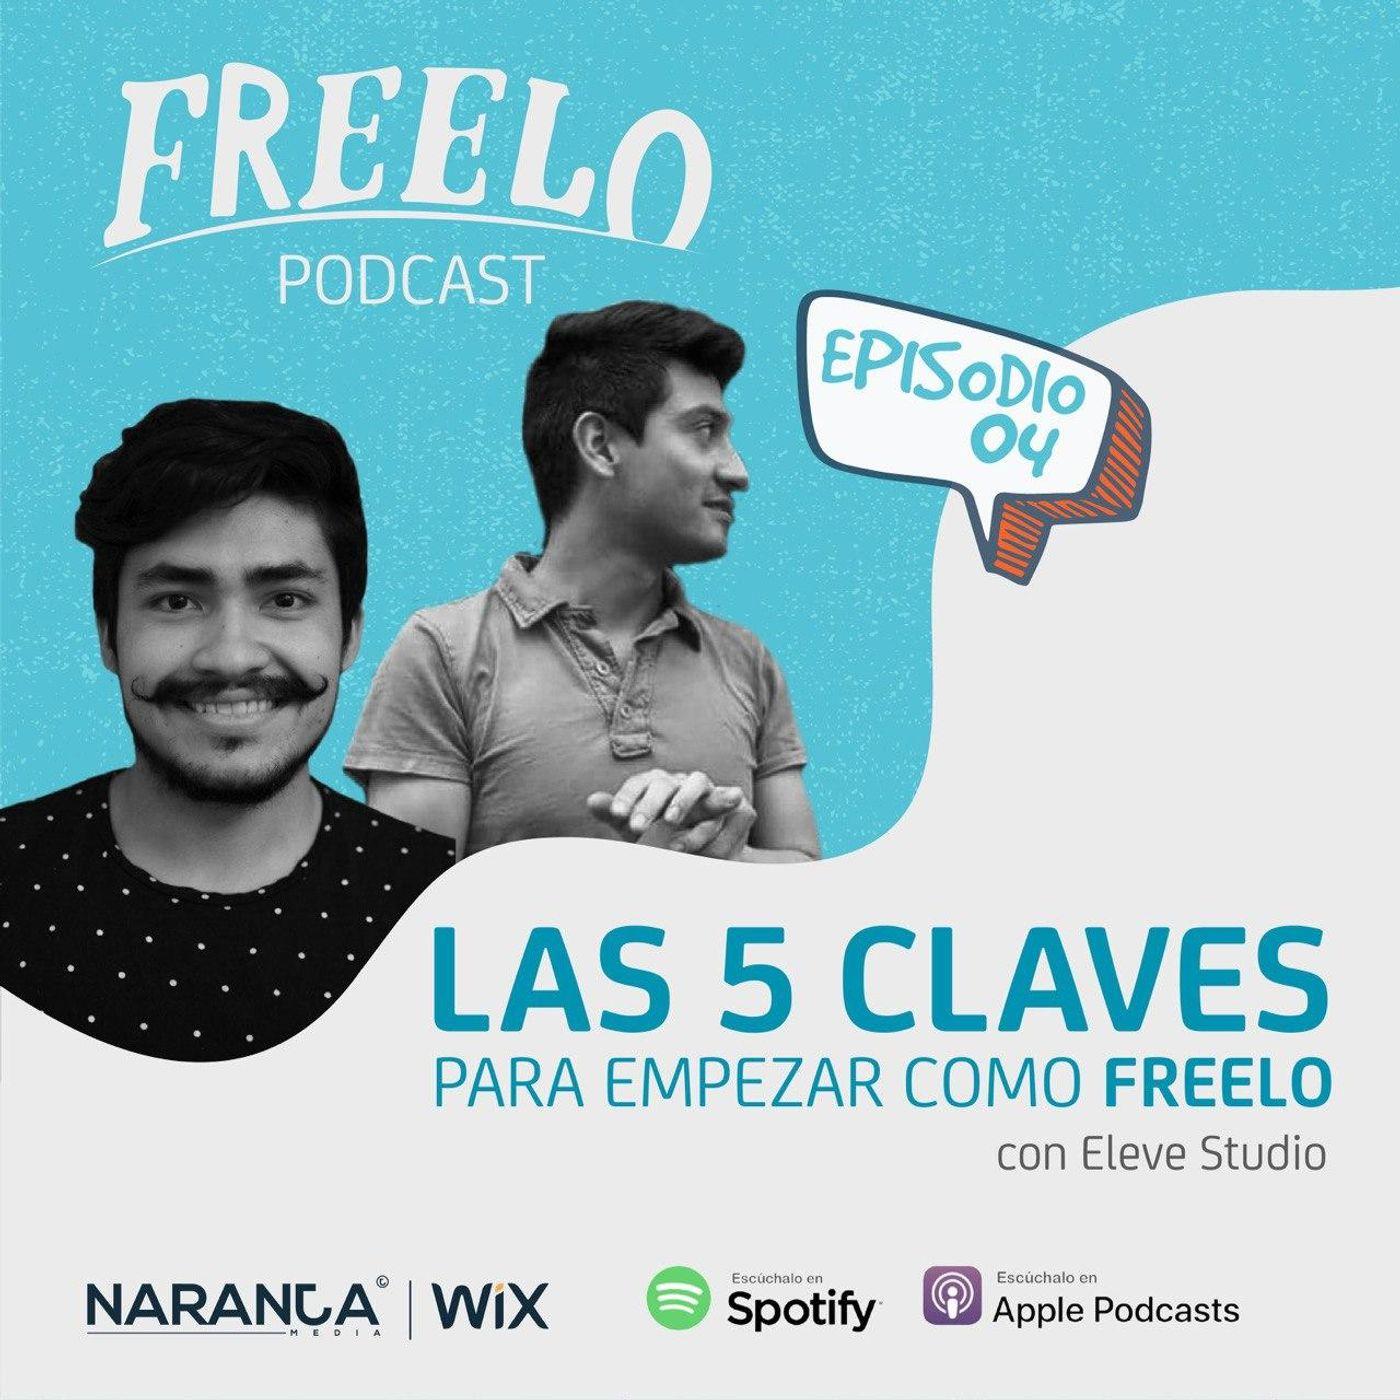 EP 04: Las 5 claves para empezar como Freelo, con Eleve Studio